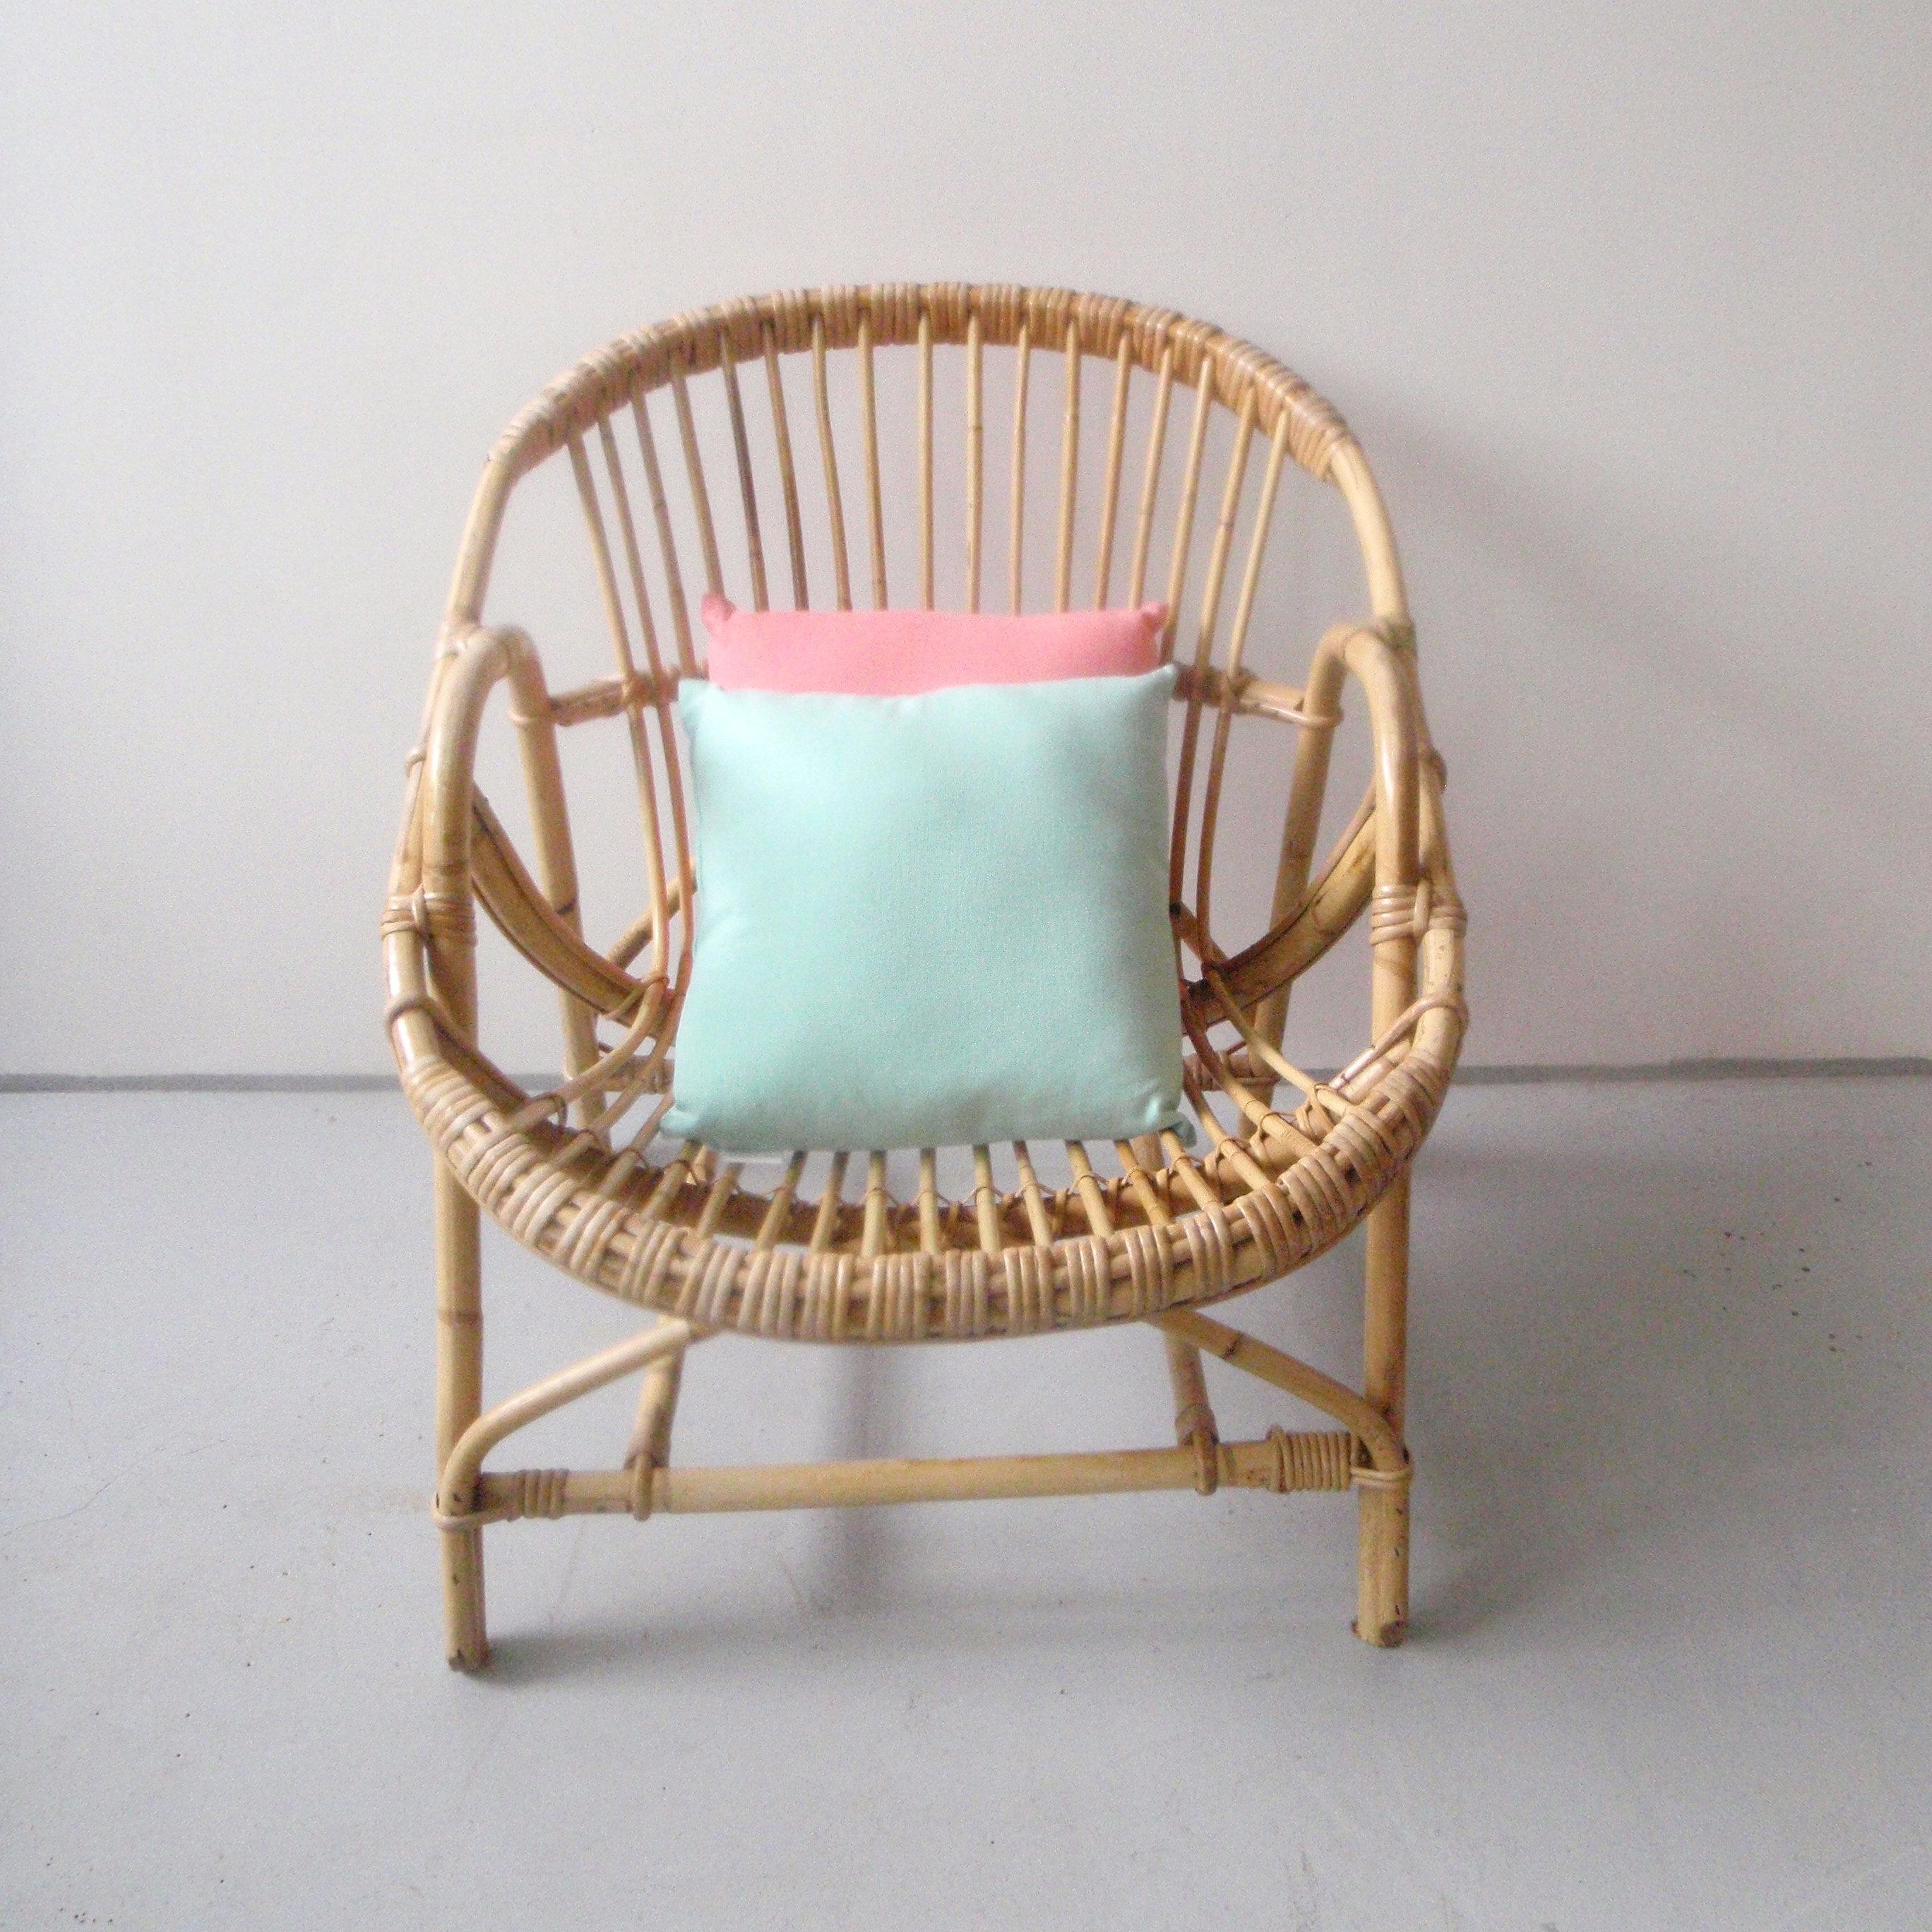 Roger bontemps fauteuil en rotin et canne de bambou ann es 50 60 1 jpg - Fauteuil en rotin le bon coin ...